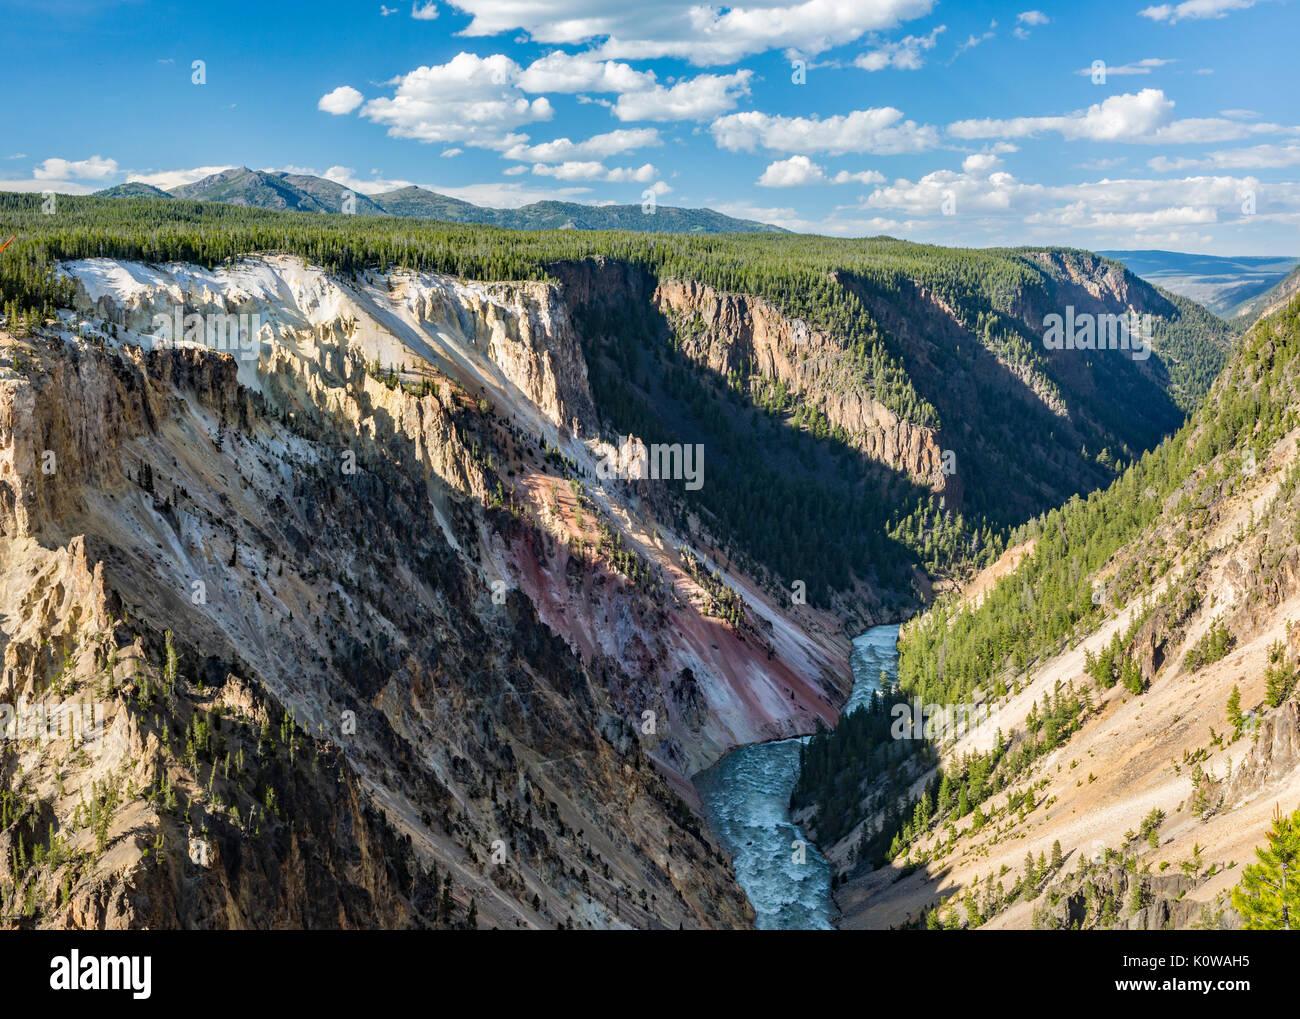 Paredes boscosas de la parte inferior del Gran Cañón del Yellowstone desde el borde sur en el Parque Nacional Yellowstone, Wyoming Foto de stock